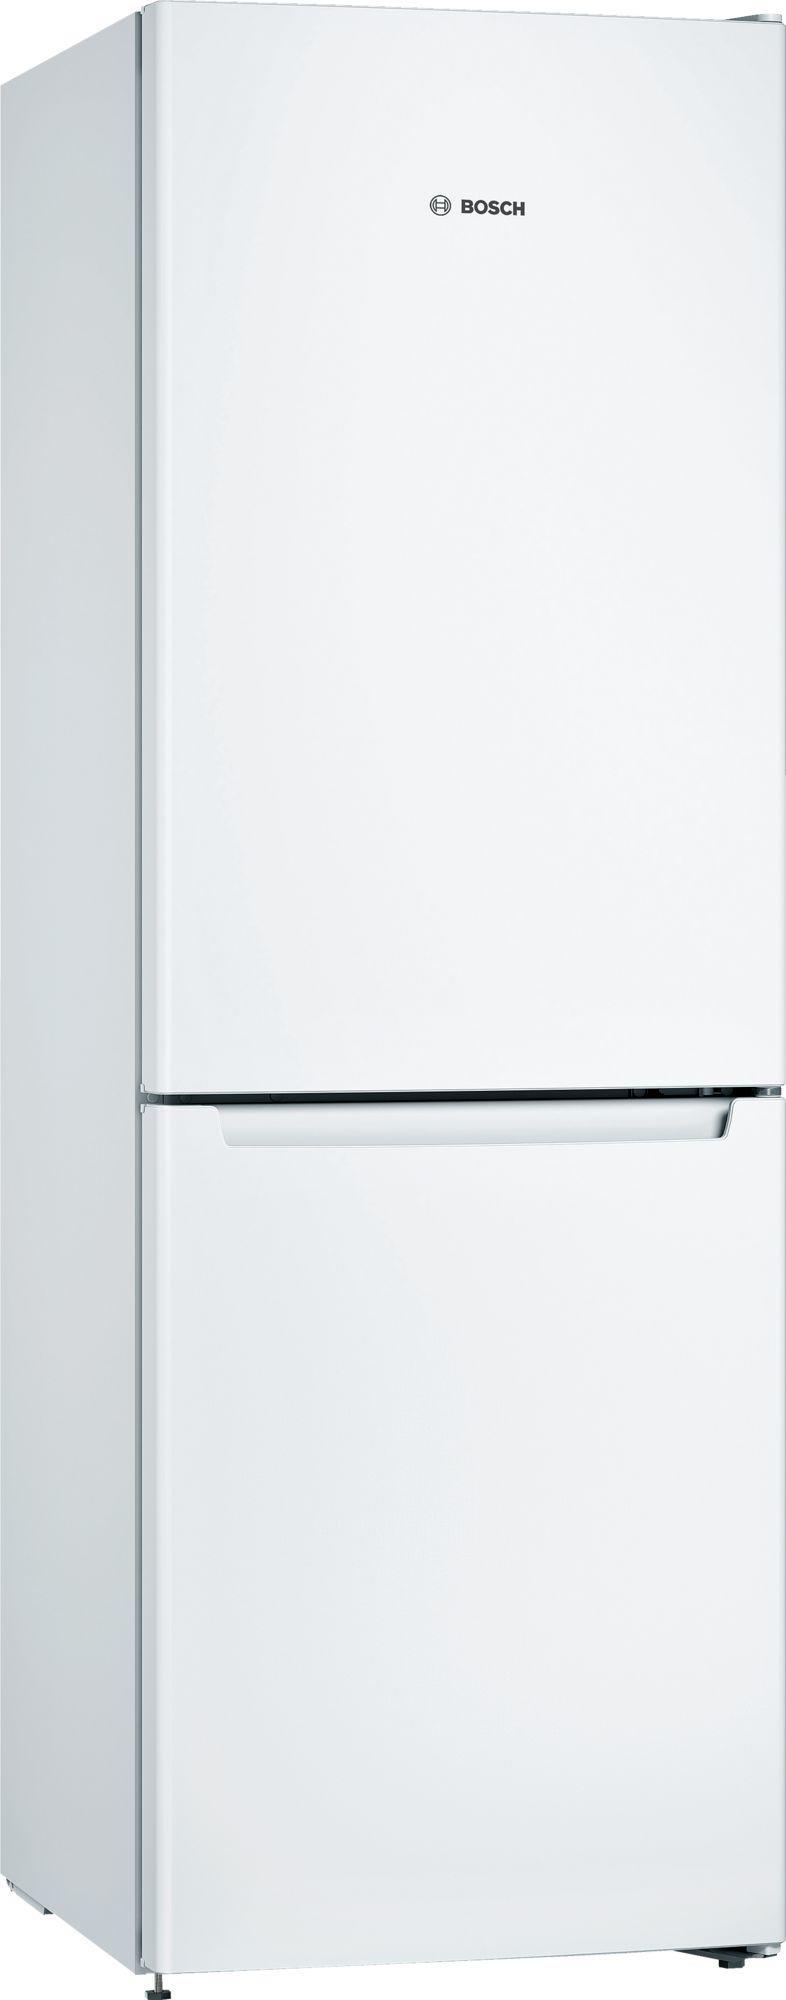 Image of Bosch KGN33NW3AG 60cm Frost Free Fridge Freezer White